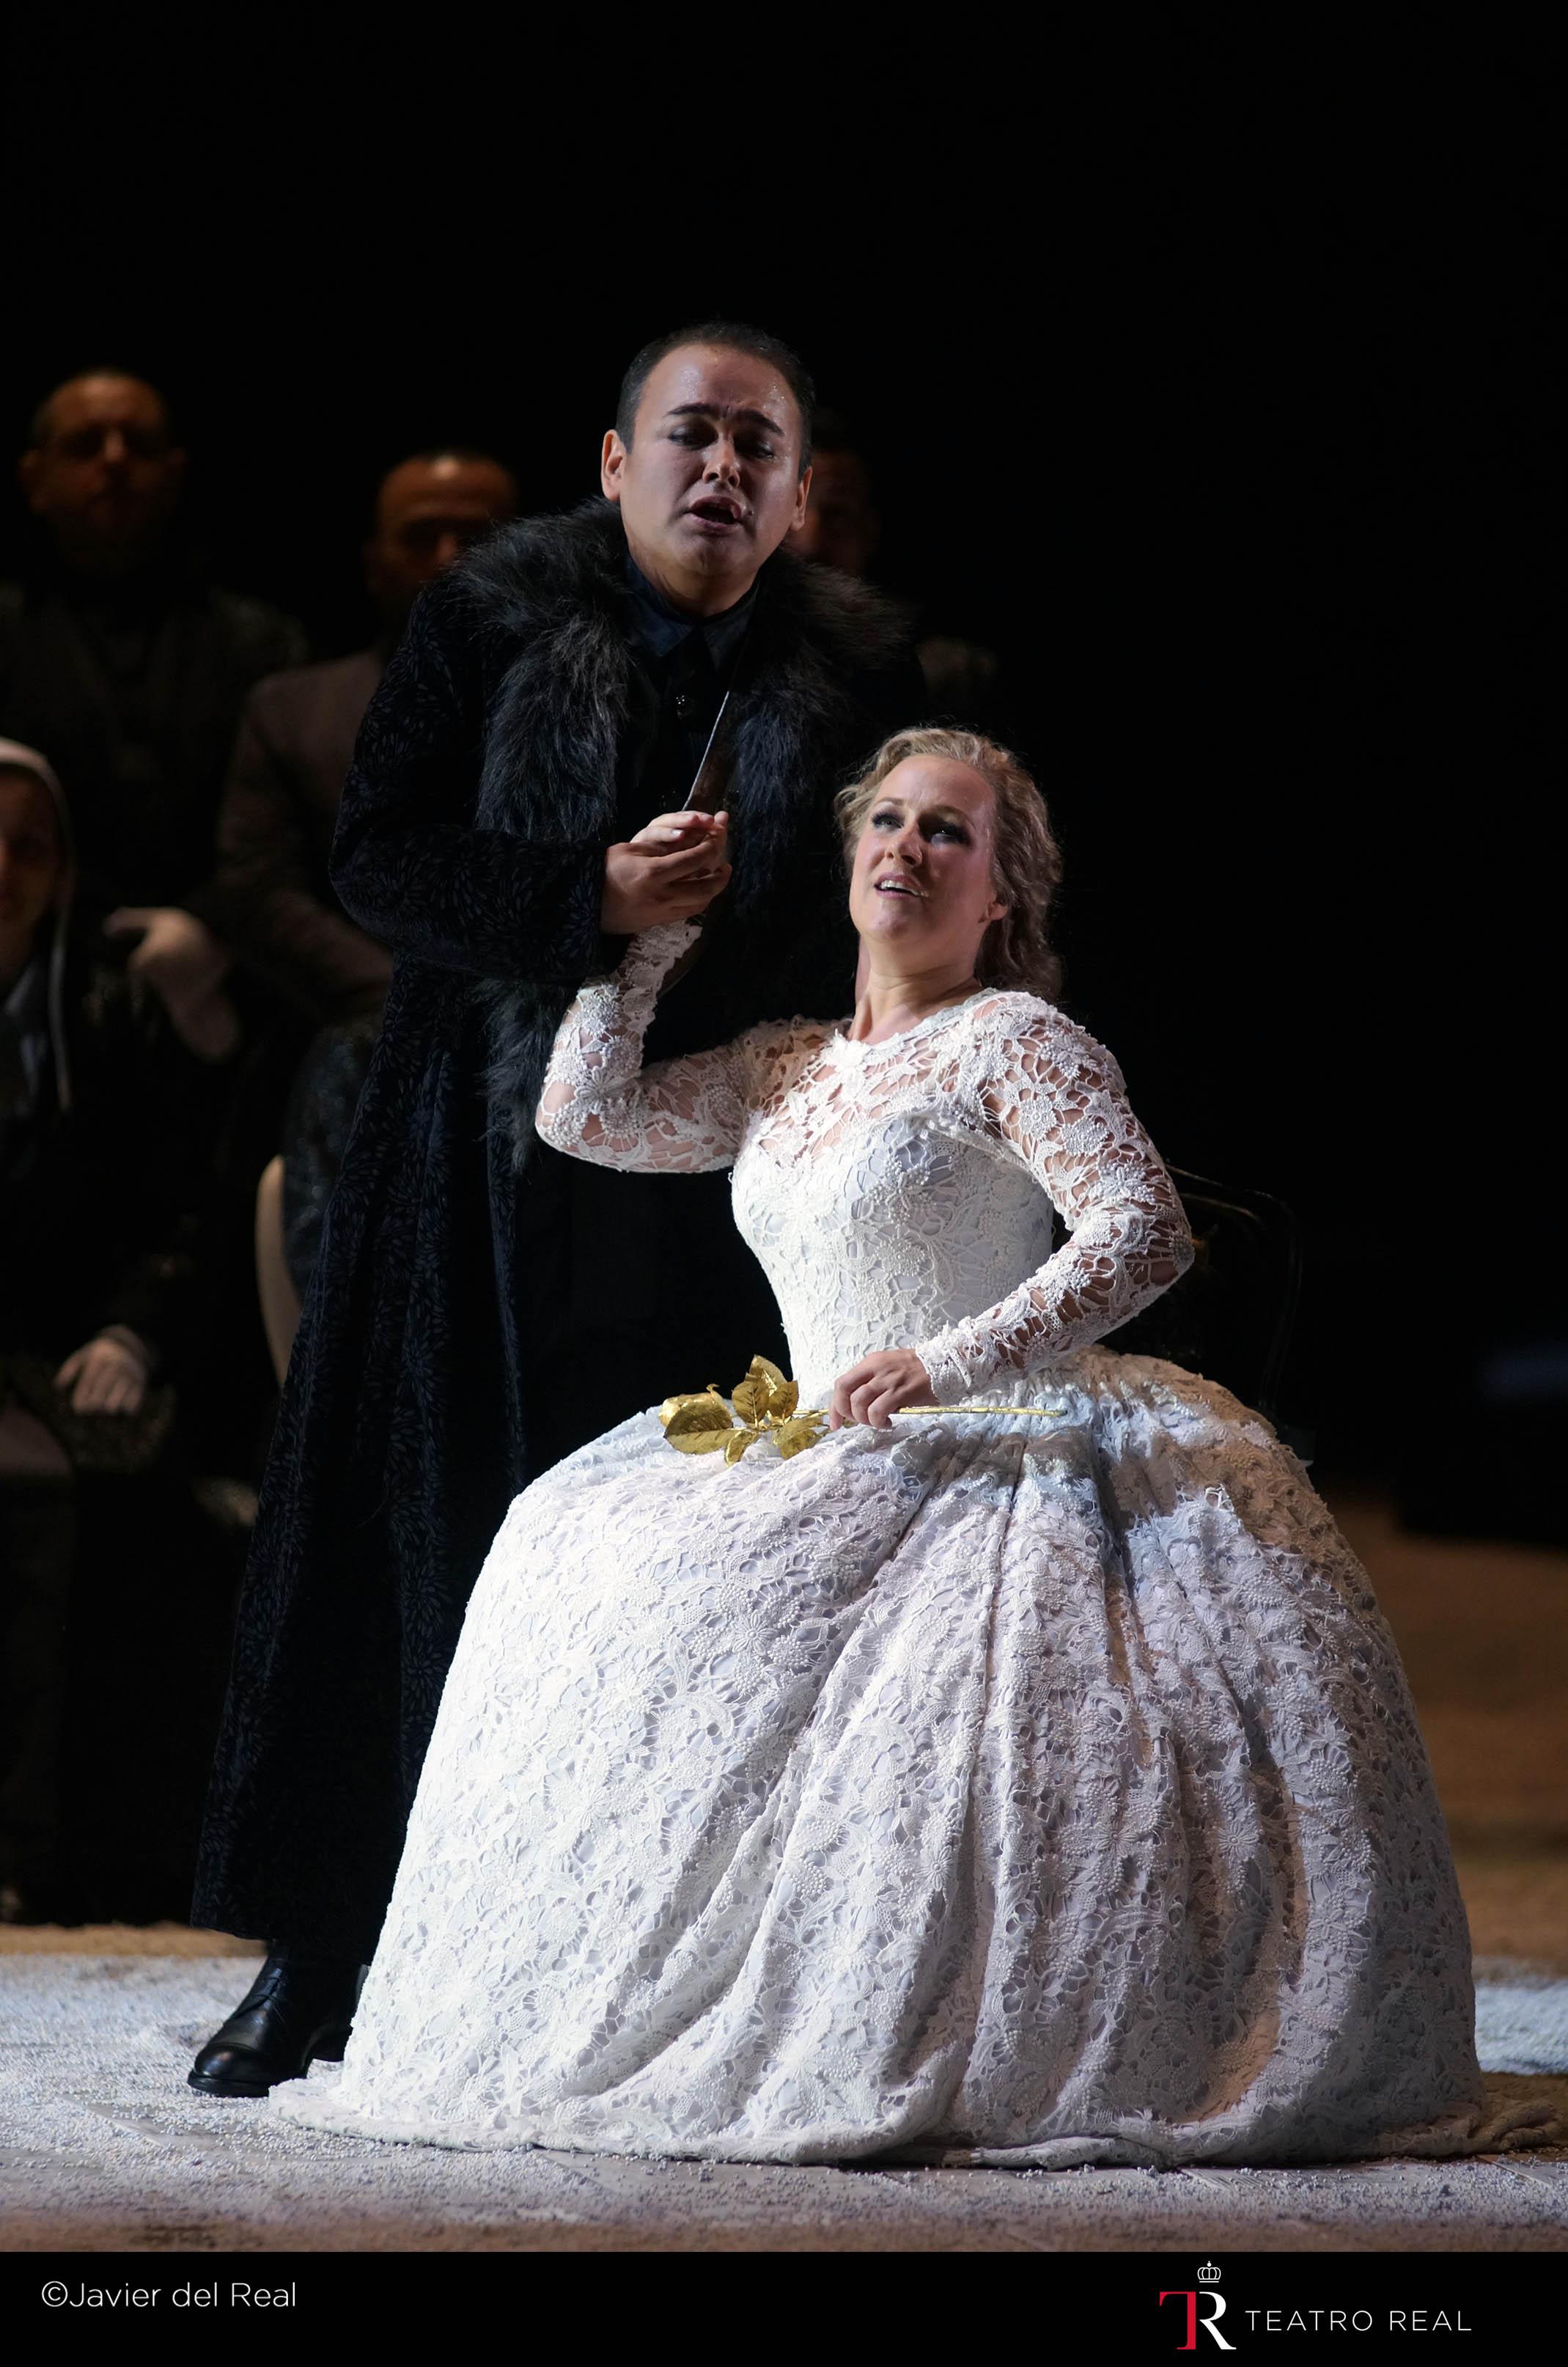 La Alhambra se une al 200 aniversario del Teatro Real con la retransmisión en directo de la ópera 'I puritani'